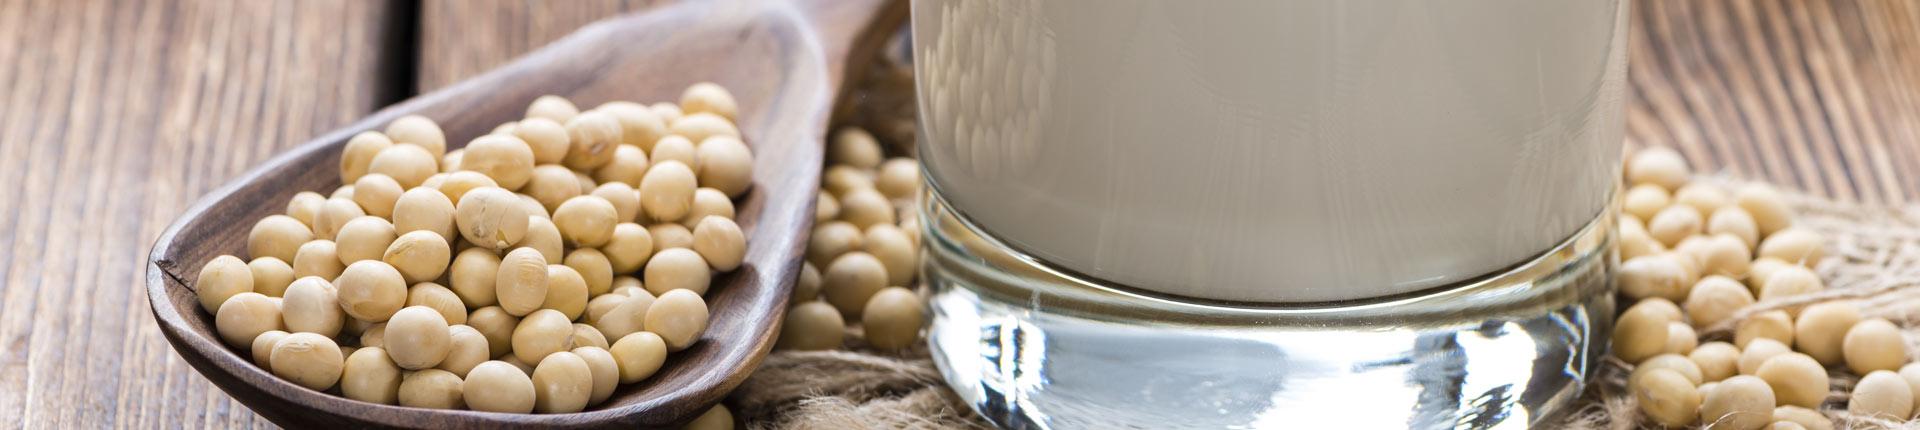 10 powodów, aby wykluczyć soję z diety